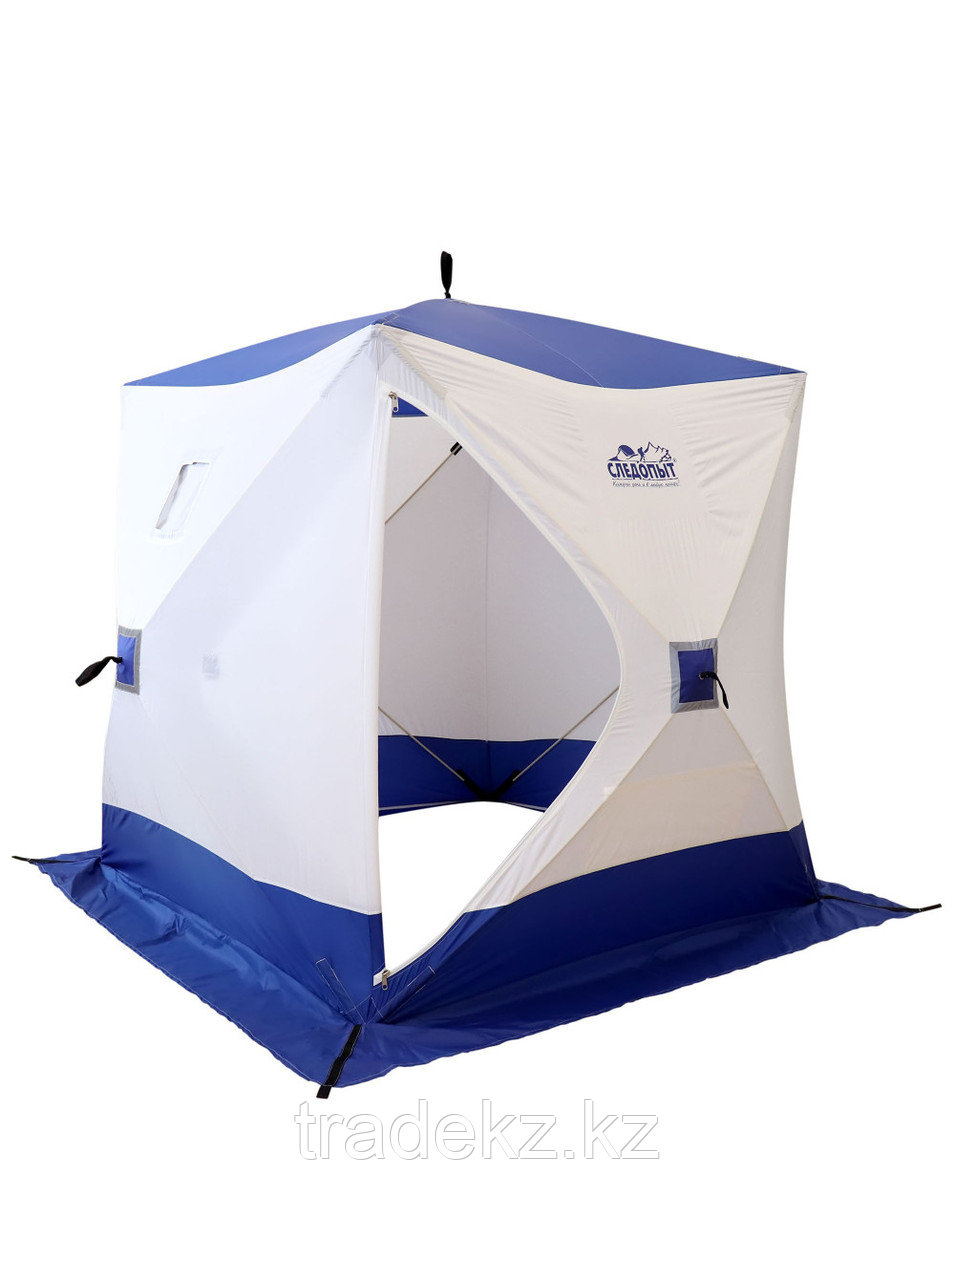 Палатка для зимней рыбалки PF-TW-03 Куб Следопыт 1,5х1,5 OXFORD 240D PU 1000